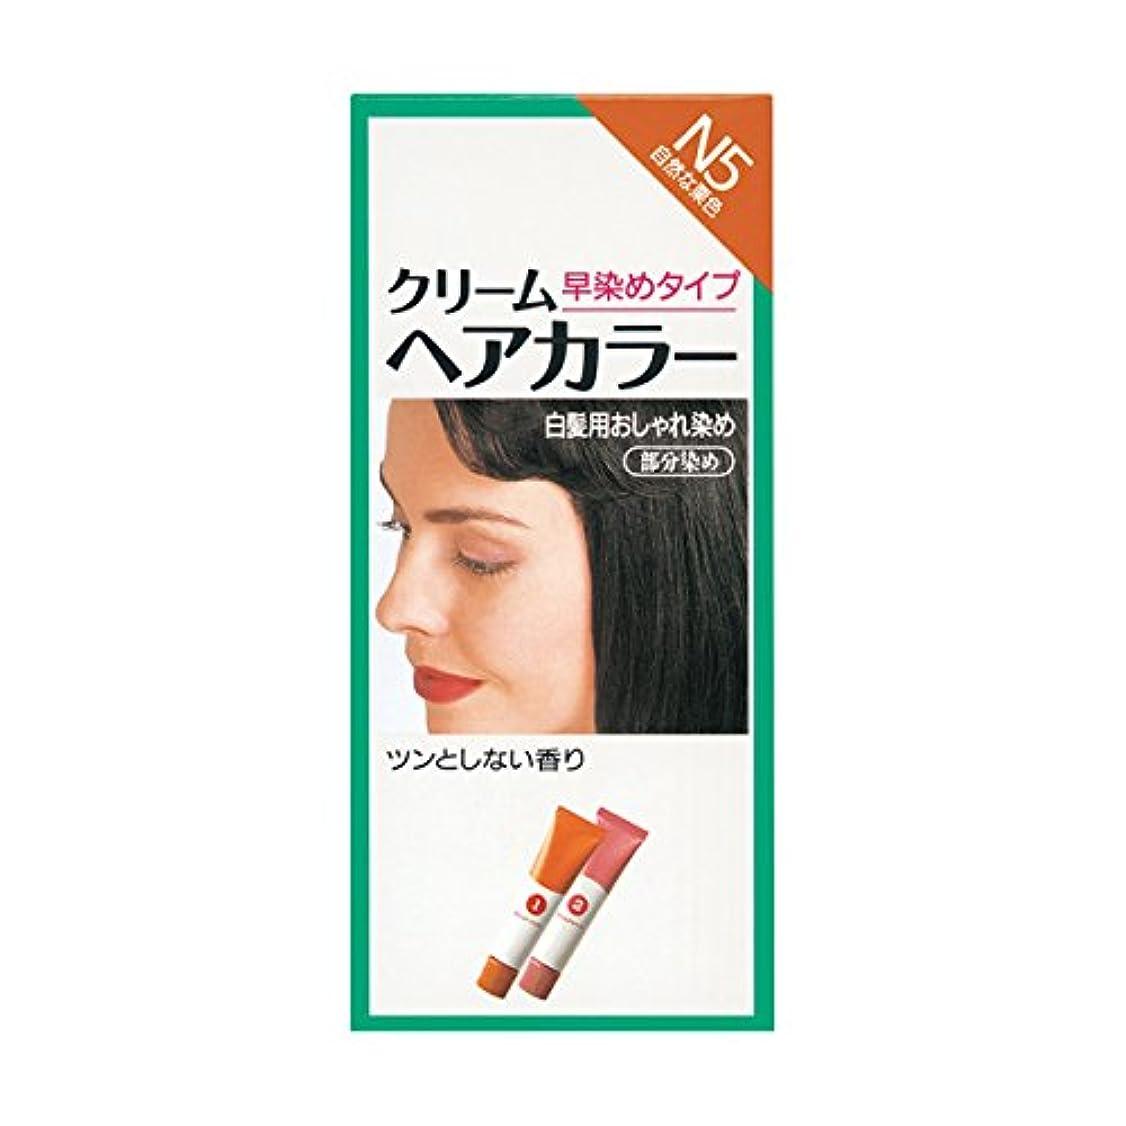 風刺倍増宇宙船ヘアカラー クリームヘアカラーN N5 【医薬部外品】